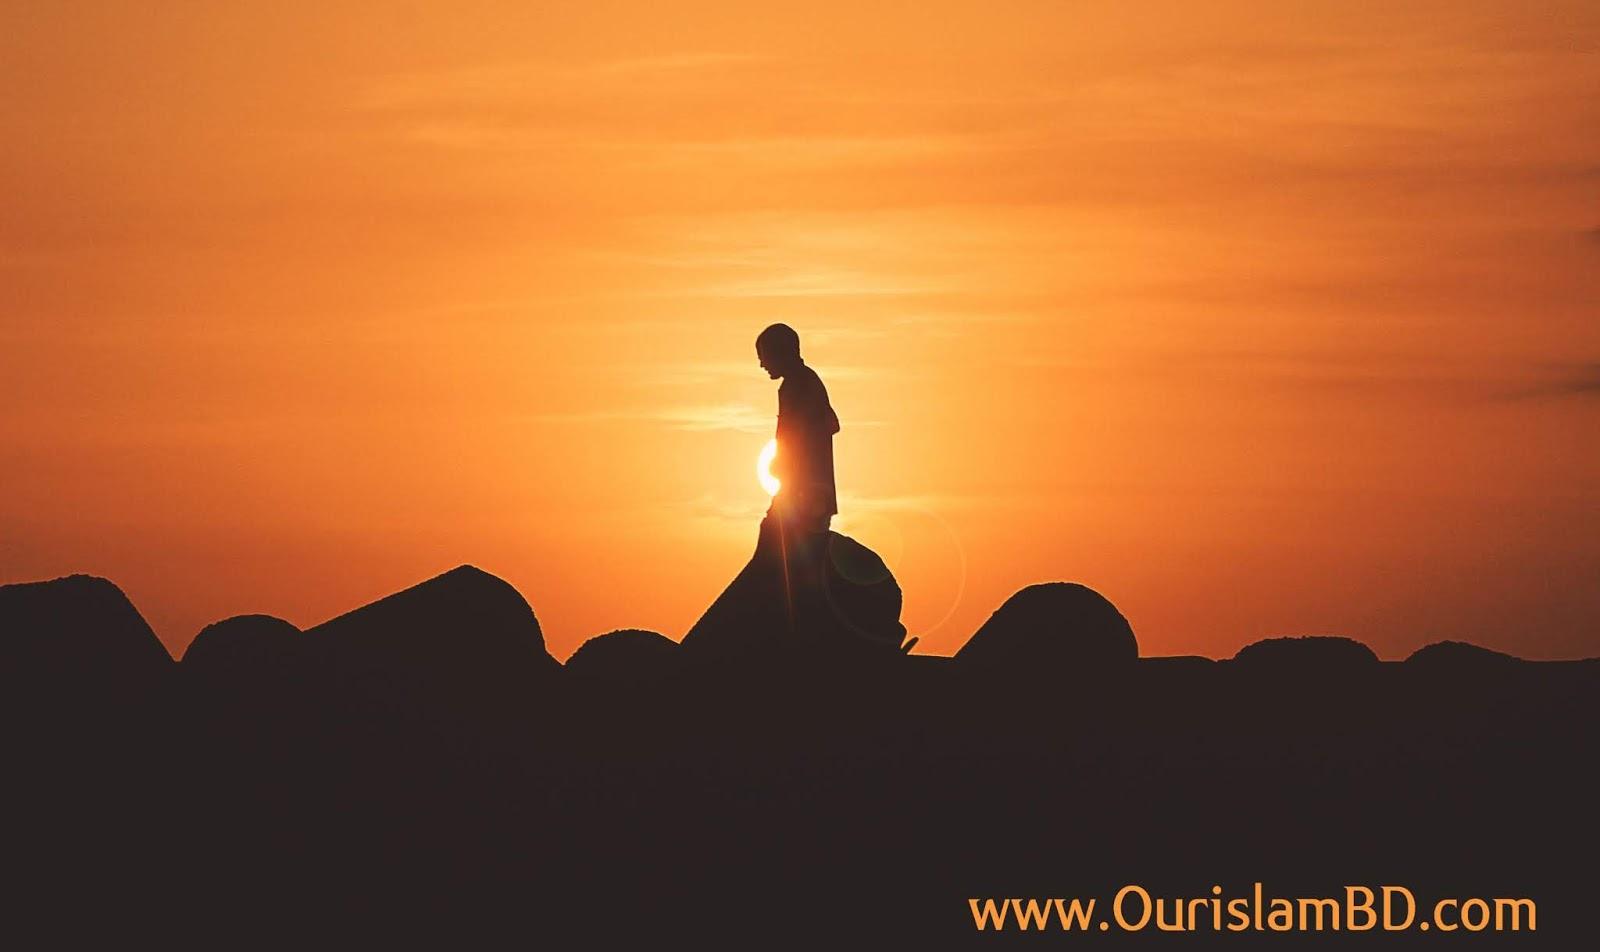 সততা ও সত্যবাদিতা মুসলিম জীবনে - ourislamBD.com